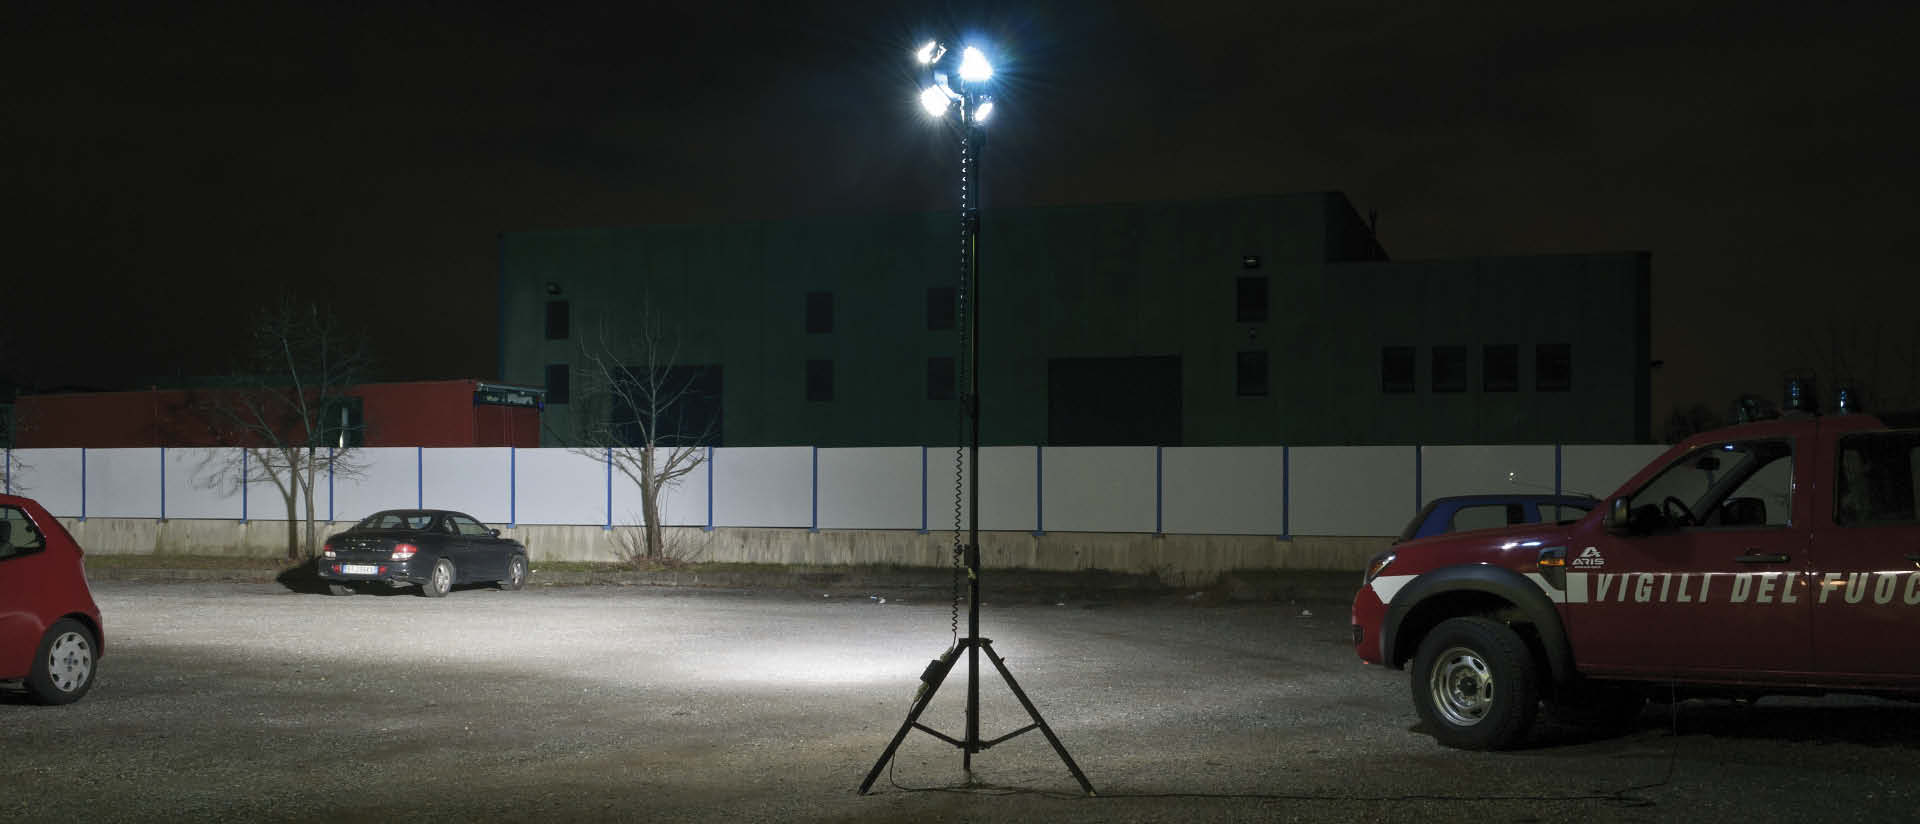 Sistemi di illuminazione aris spa for Sistemi di illuminazione